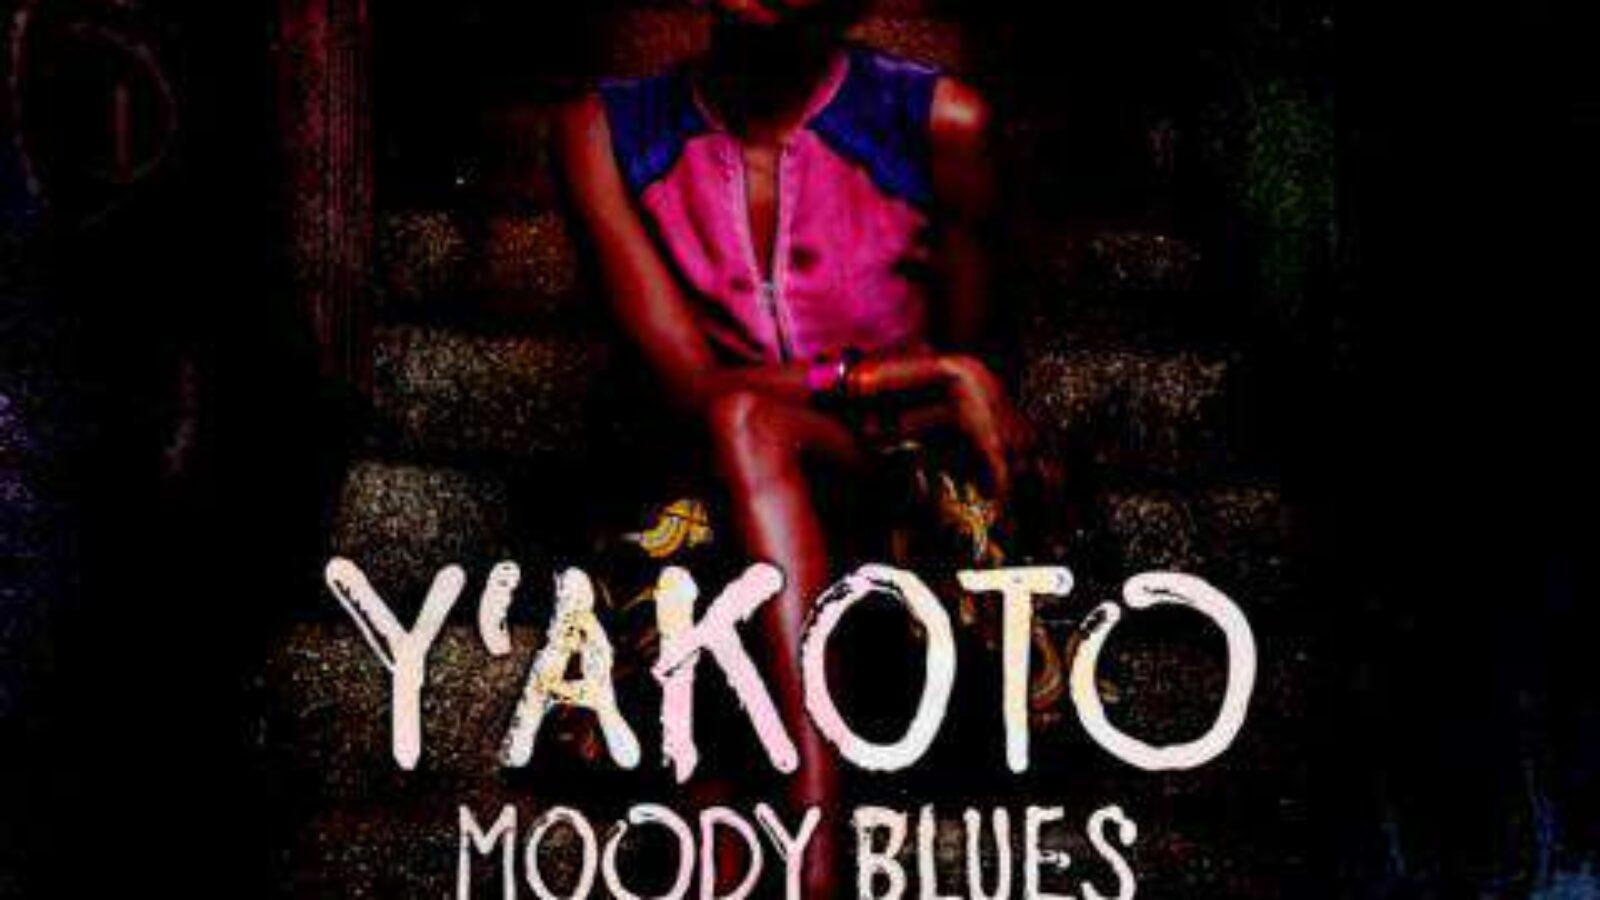 Y`AKOTO – Moody Blues